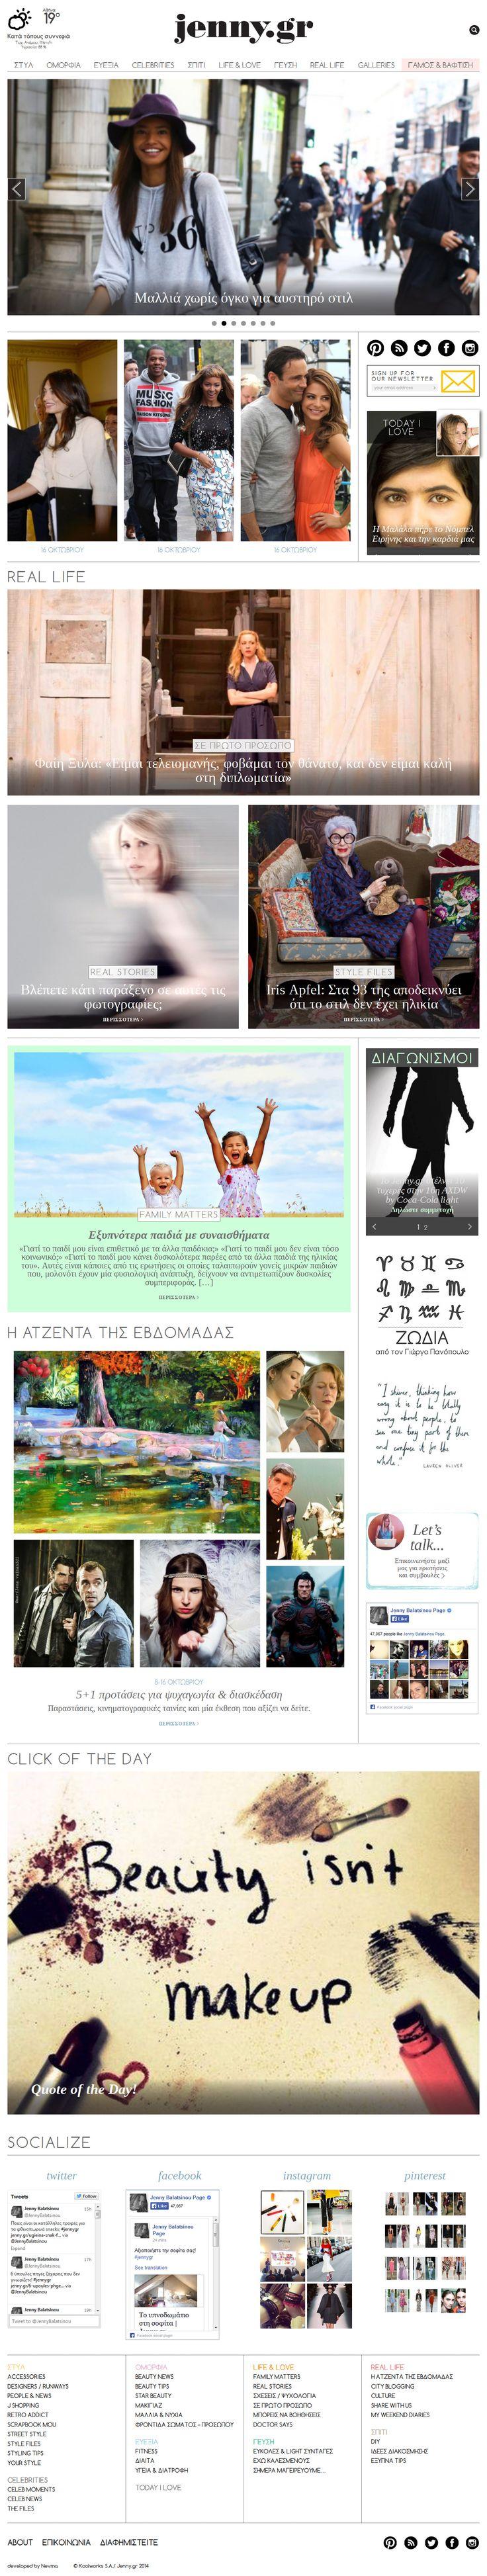 Το jenny.gr είναι το portal με την προσωπική σφραγίδα της Τζένης Μπαλατσινού.  Με νέα ανανεωμένη εμφάνιση, πρόκειται για μια ιστοσελίδα φρέσκια, με μοντέρνο web design και πλούσια θεματολογία. Η κατασκευή της ιστοσελίδας έγινε για μία ακόμη φορά από εμάς σε συνεργασία με τη δημοσιογραφική και δημιουργική ομάδα του portal. www.jenny.gr